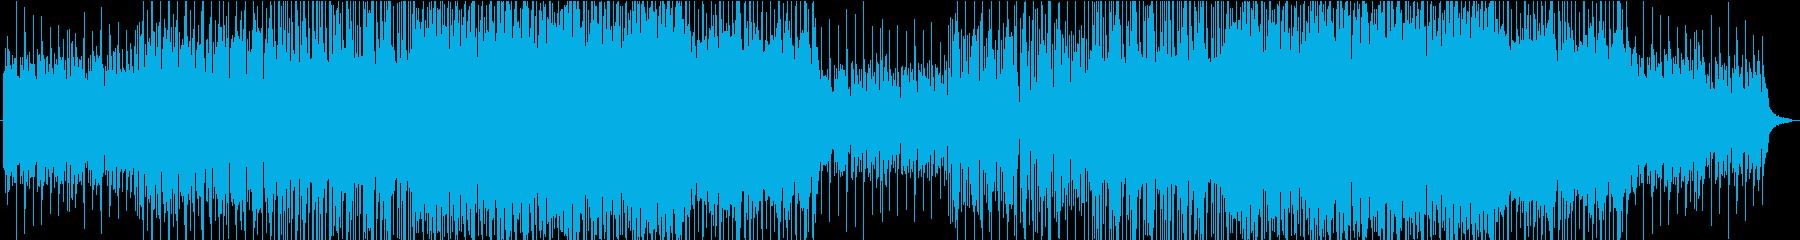 感動的で前向きになれる温かい楽曲の再生済みの波形